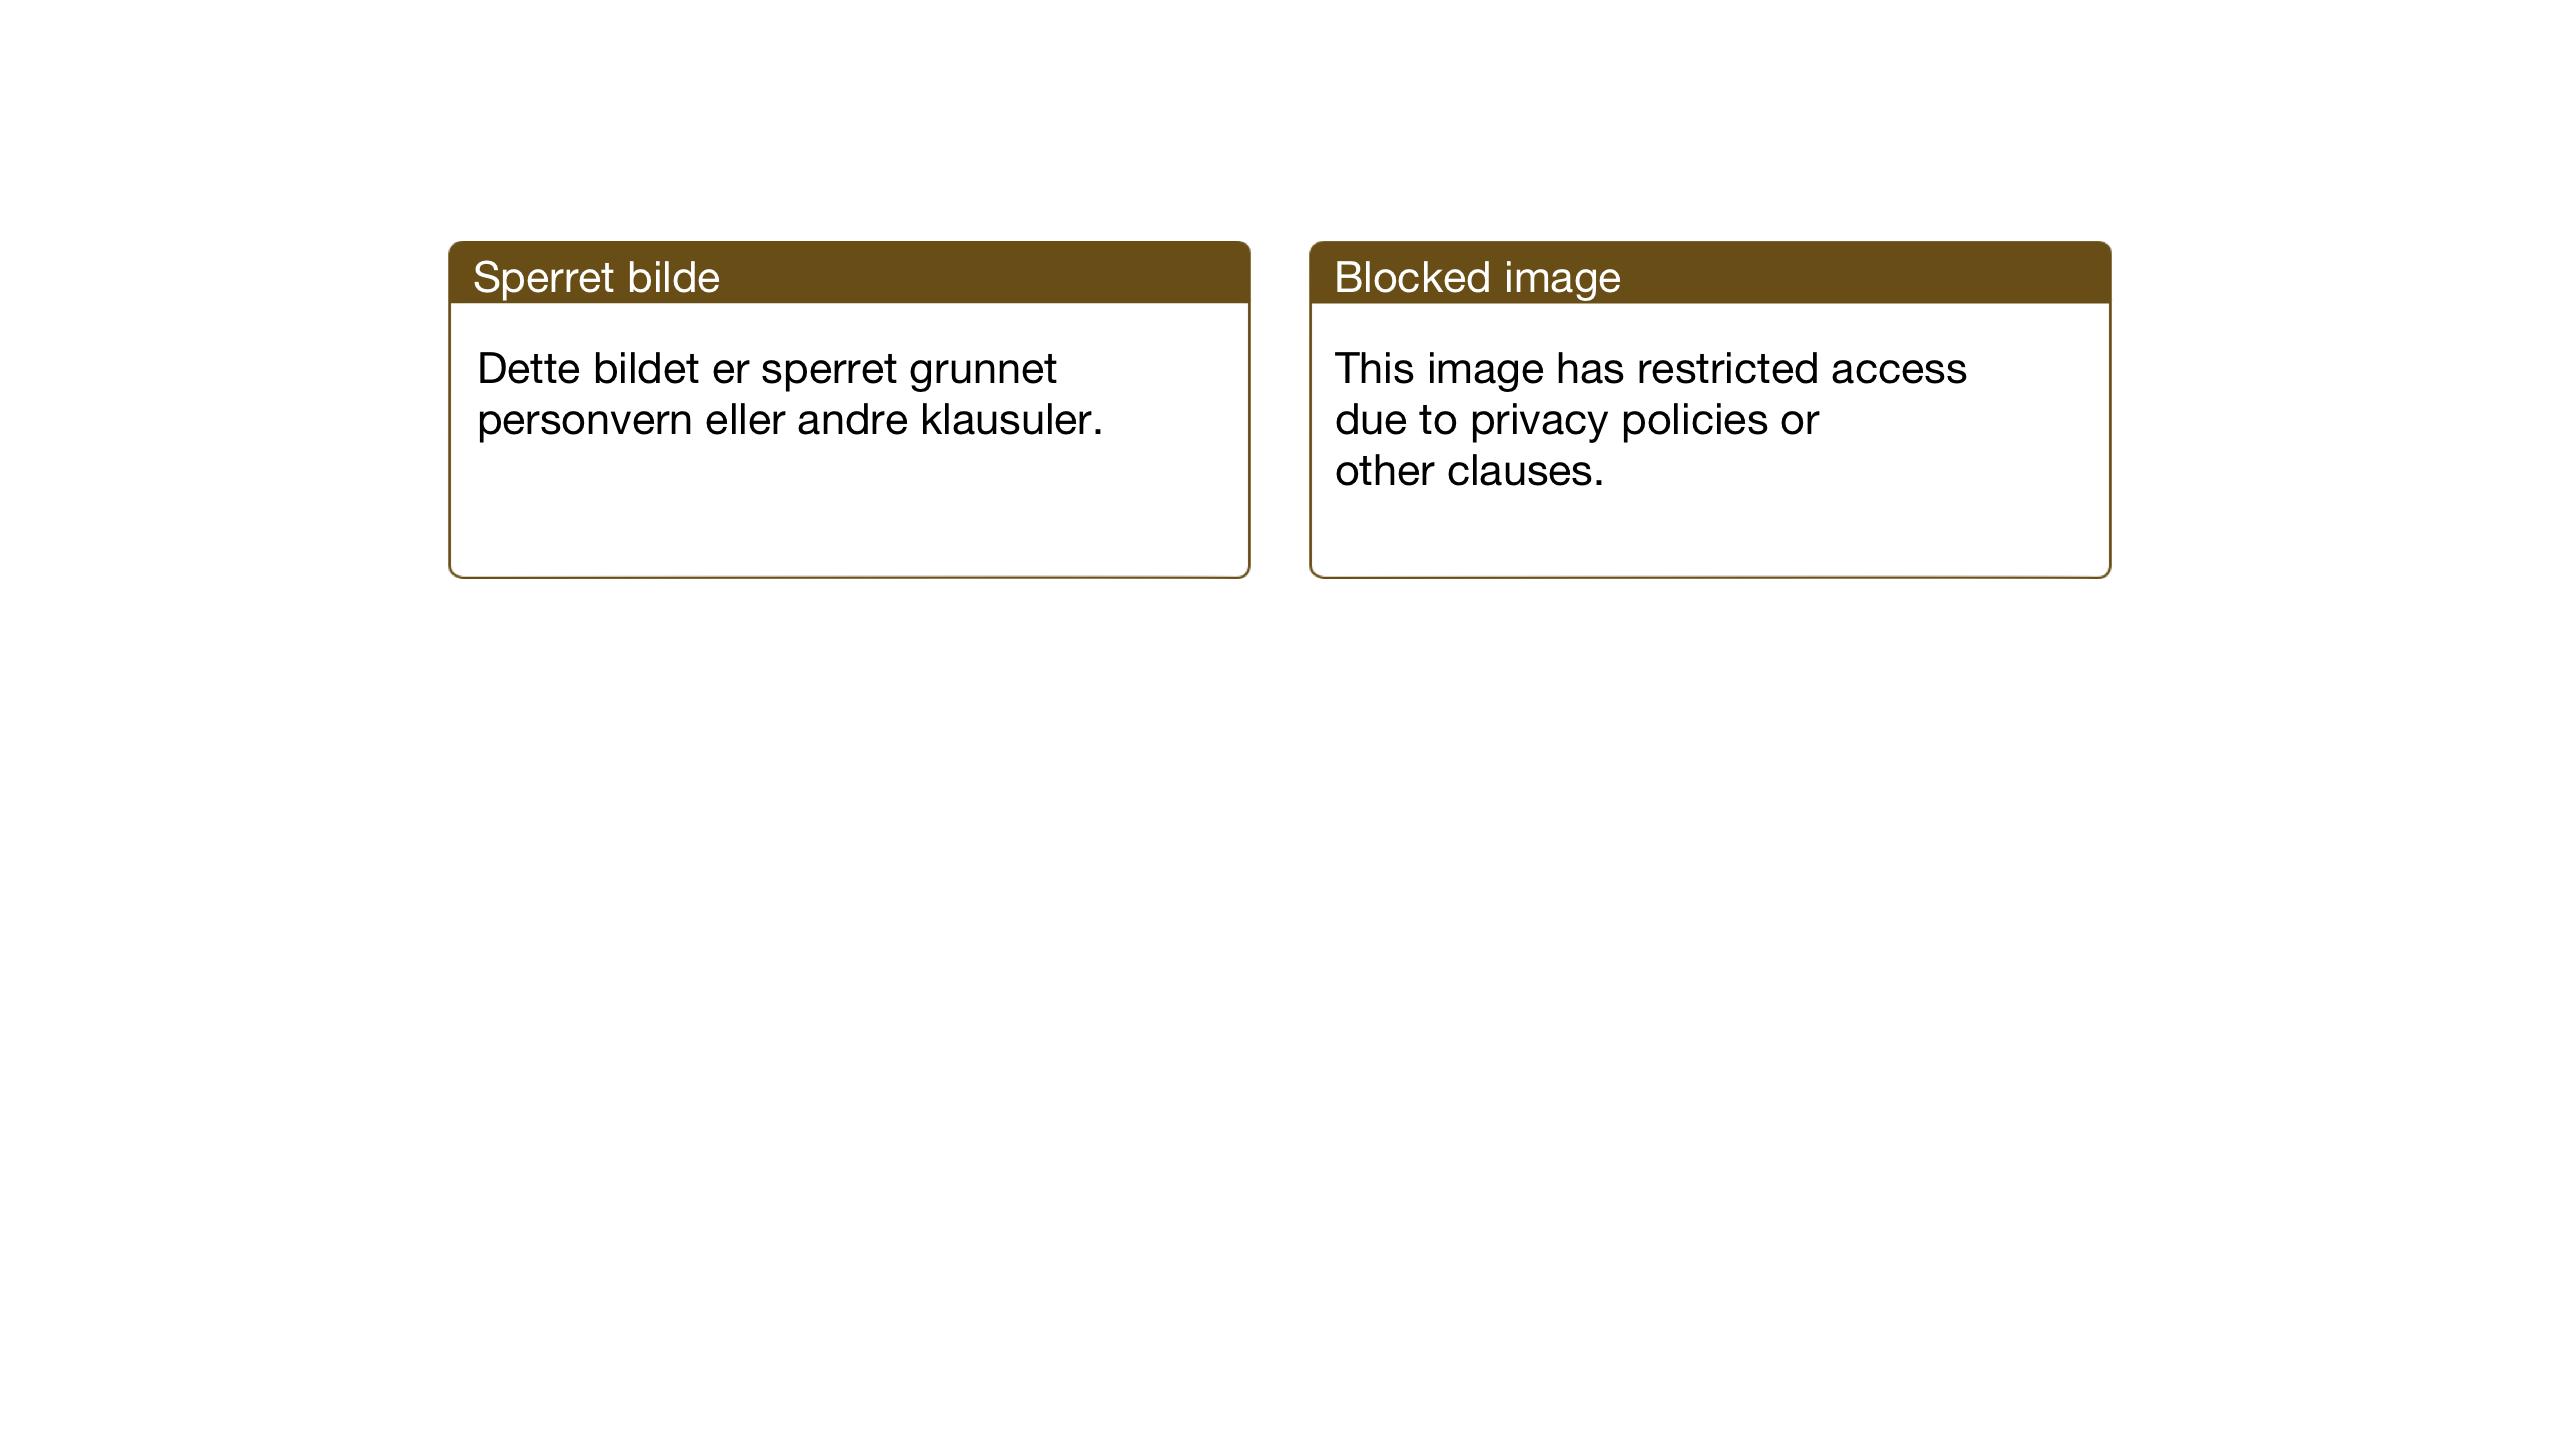 SAT, Ministerialprotokoller, klokkerbøker og fødselsregistre - Sør-Trøndelag, 621/L0462: Klokkerbok nr. 621C05, 1915-1945, s. 41